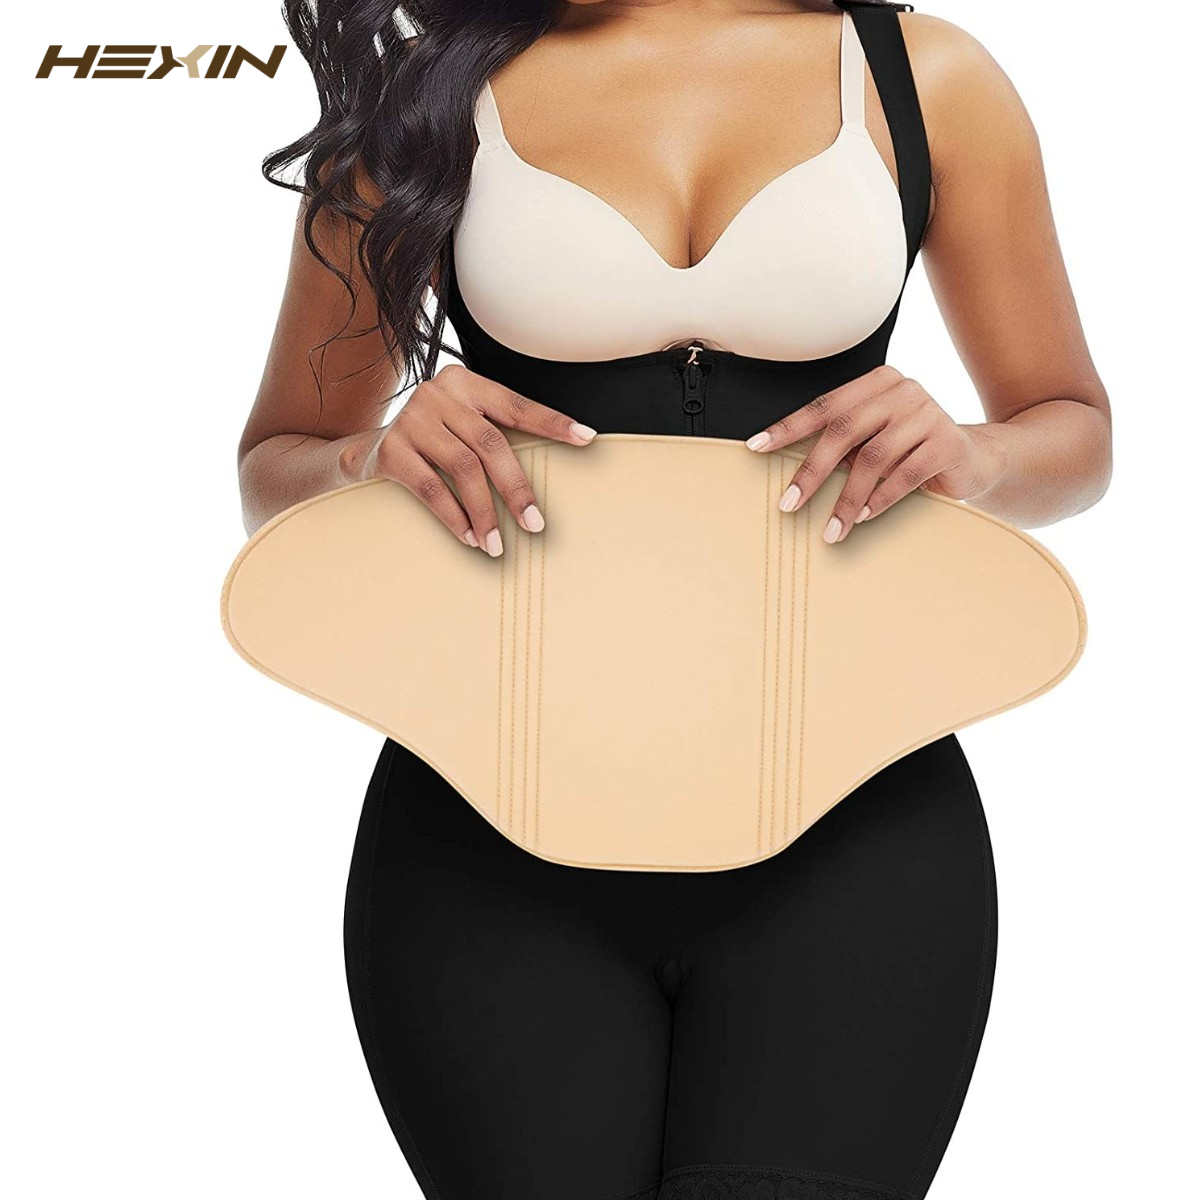 HEXIN Ab доска для постхирургии, компрессионная доска, приятная для кожи, Липо-пена, плоская, Абдоминальная доска, тампон, восстановление после ...